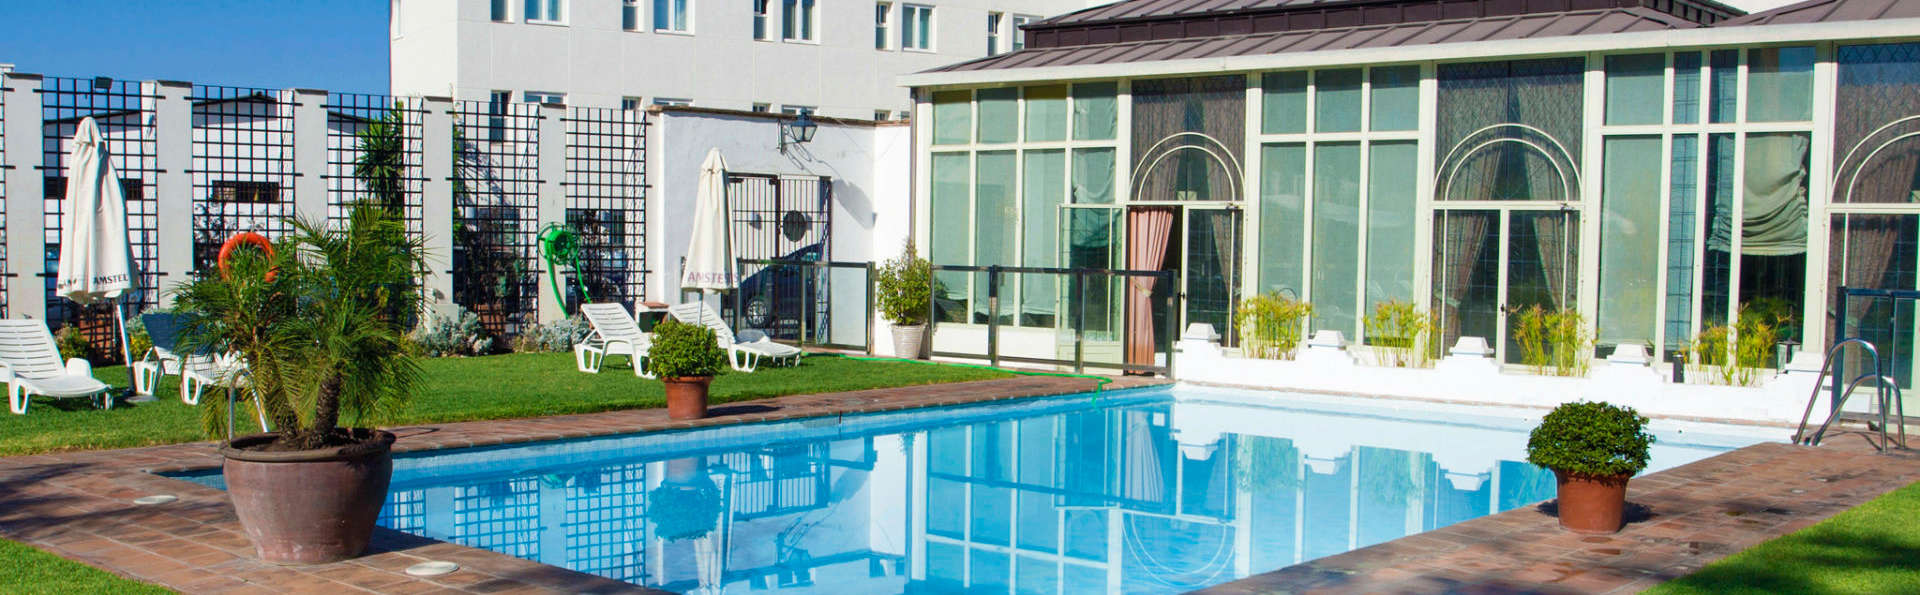 Hotel Oasis - EDIT_pool.jpg